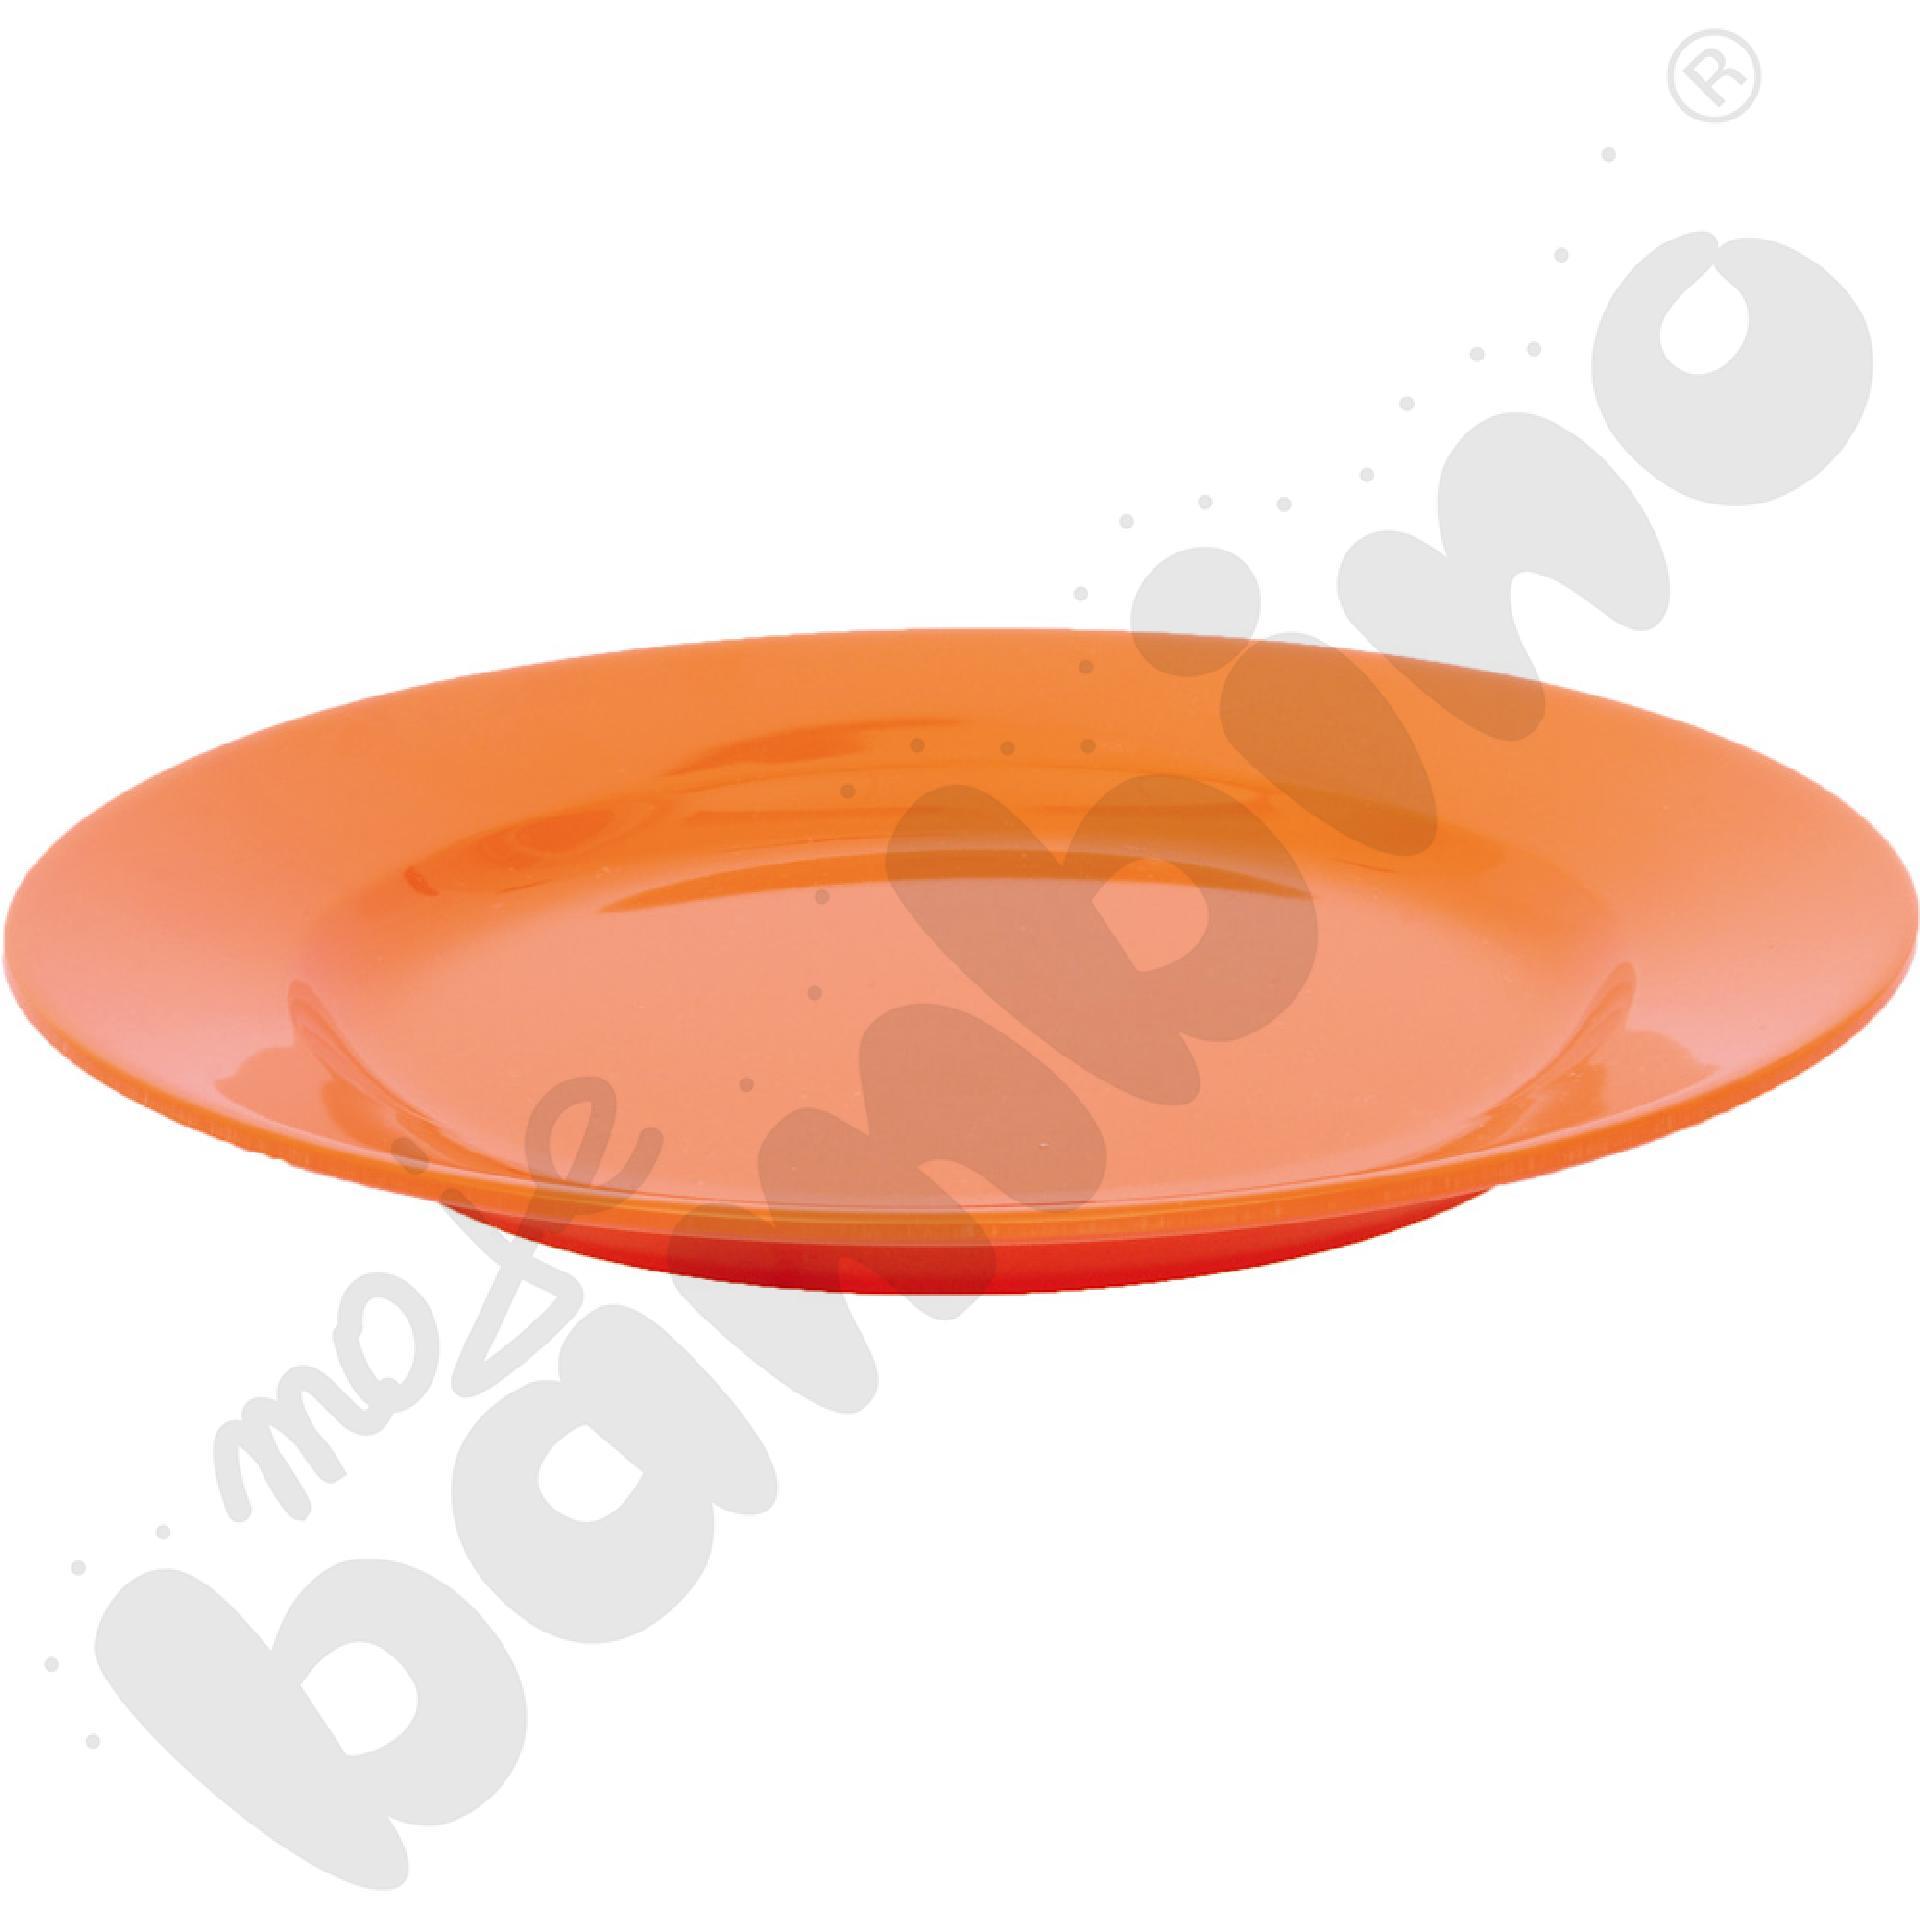 Płytki talerz 23 cm - pomarańczowy